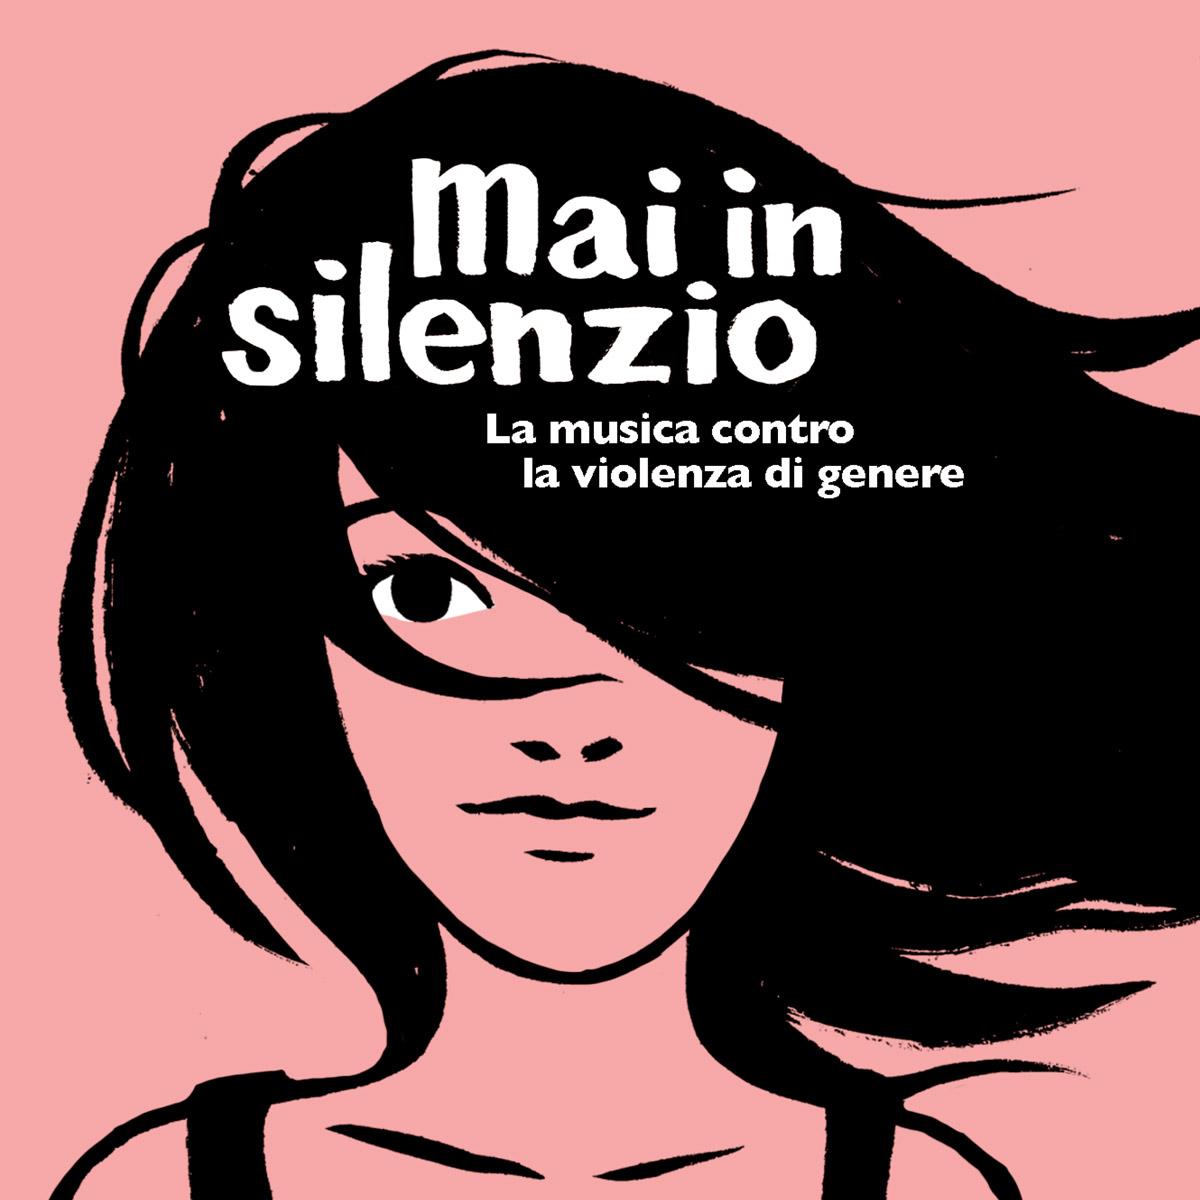 Tuscany Region's project for a campaign contrasting gender violenceTutor for the songwriting project in High Schools. - Progetto di sensibilizzazione contro la violenza di genere della Regione ToscanaTutor del progetto di Songwriting dedicato ai Licei.